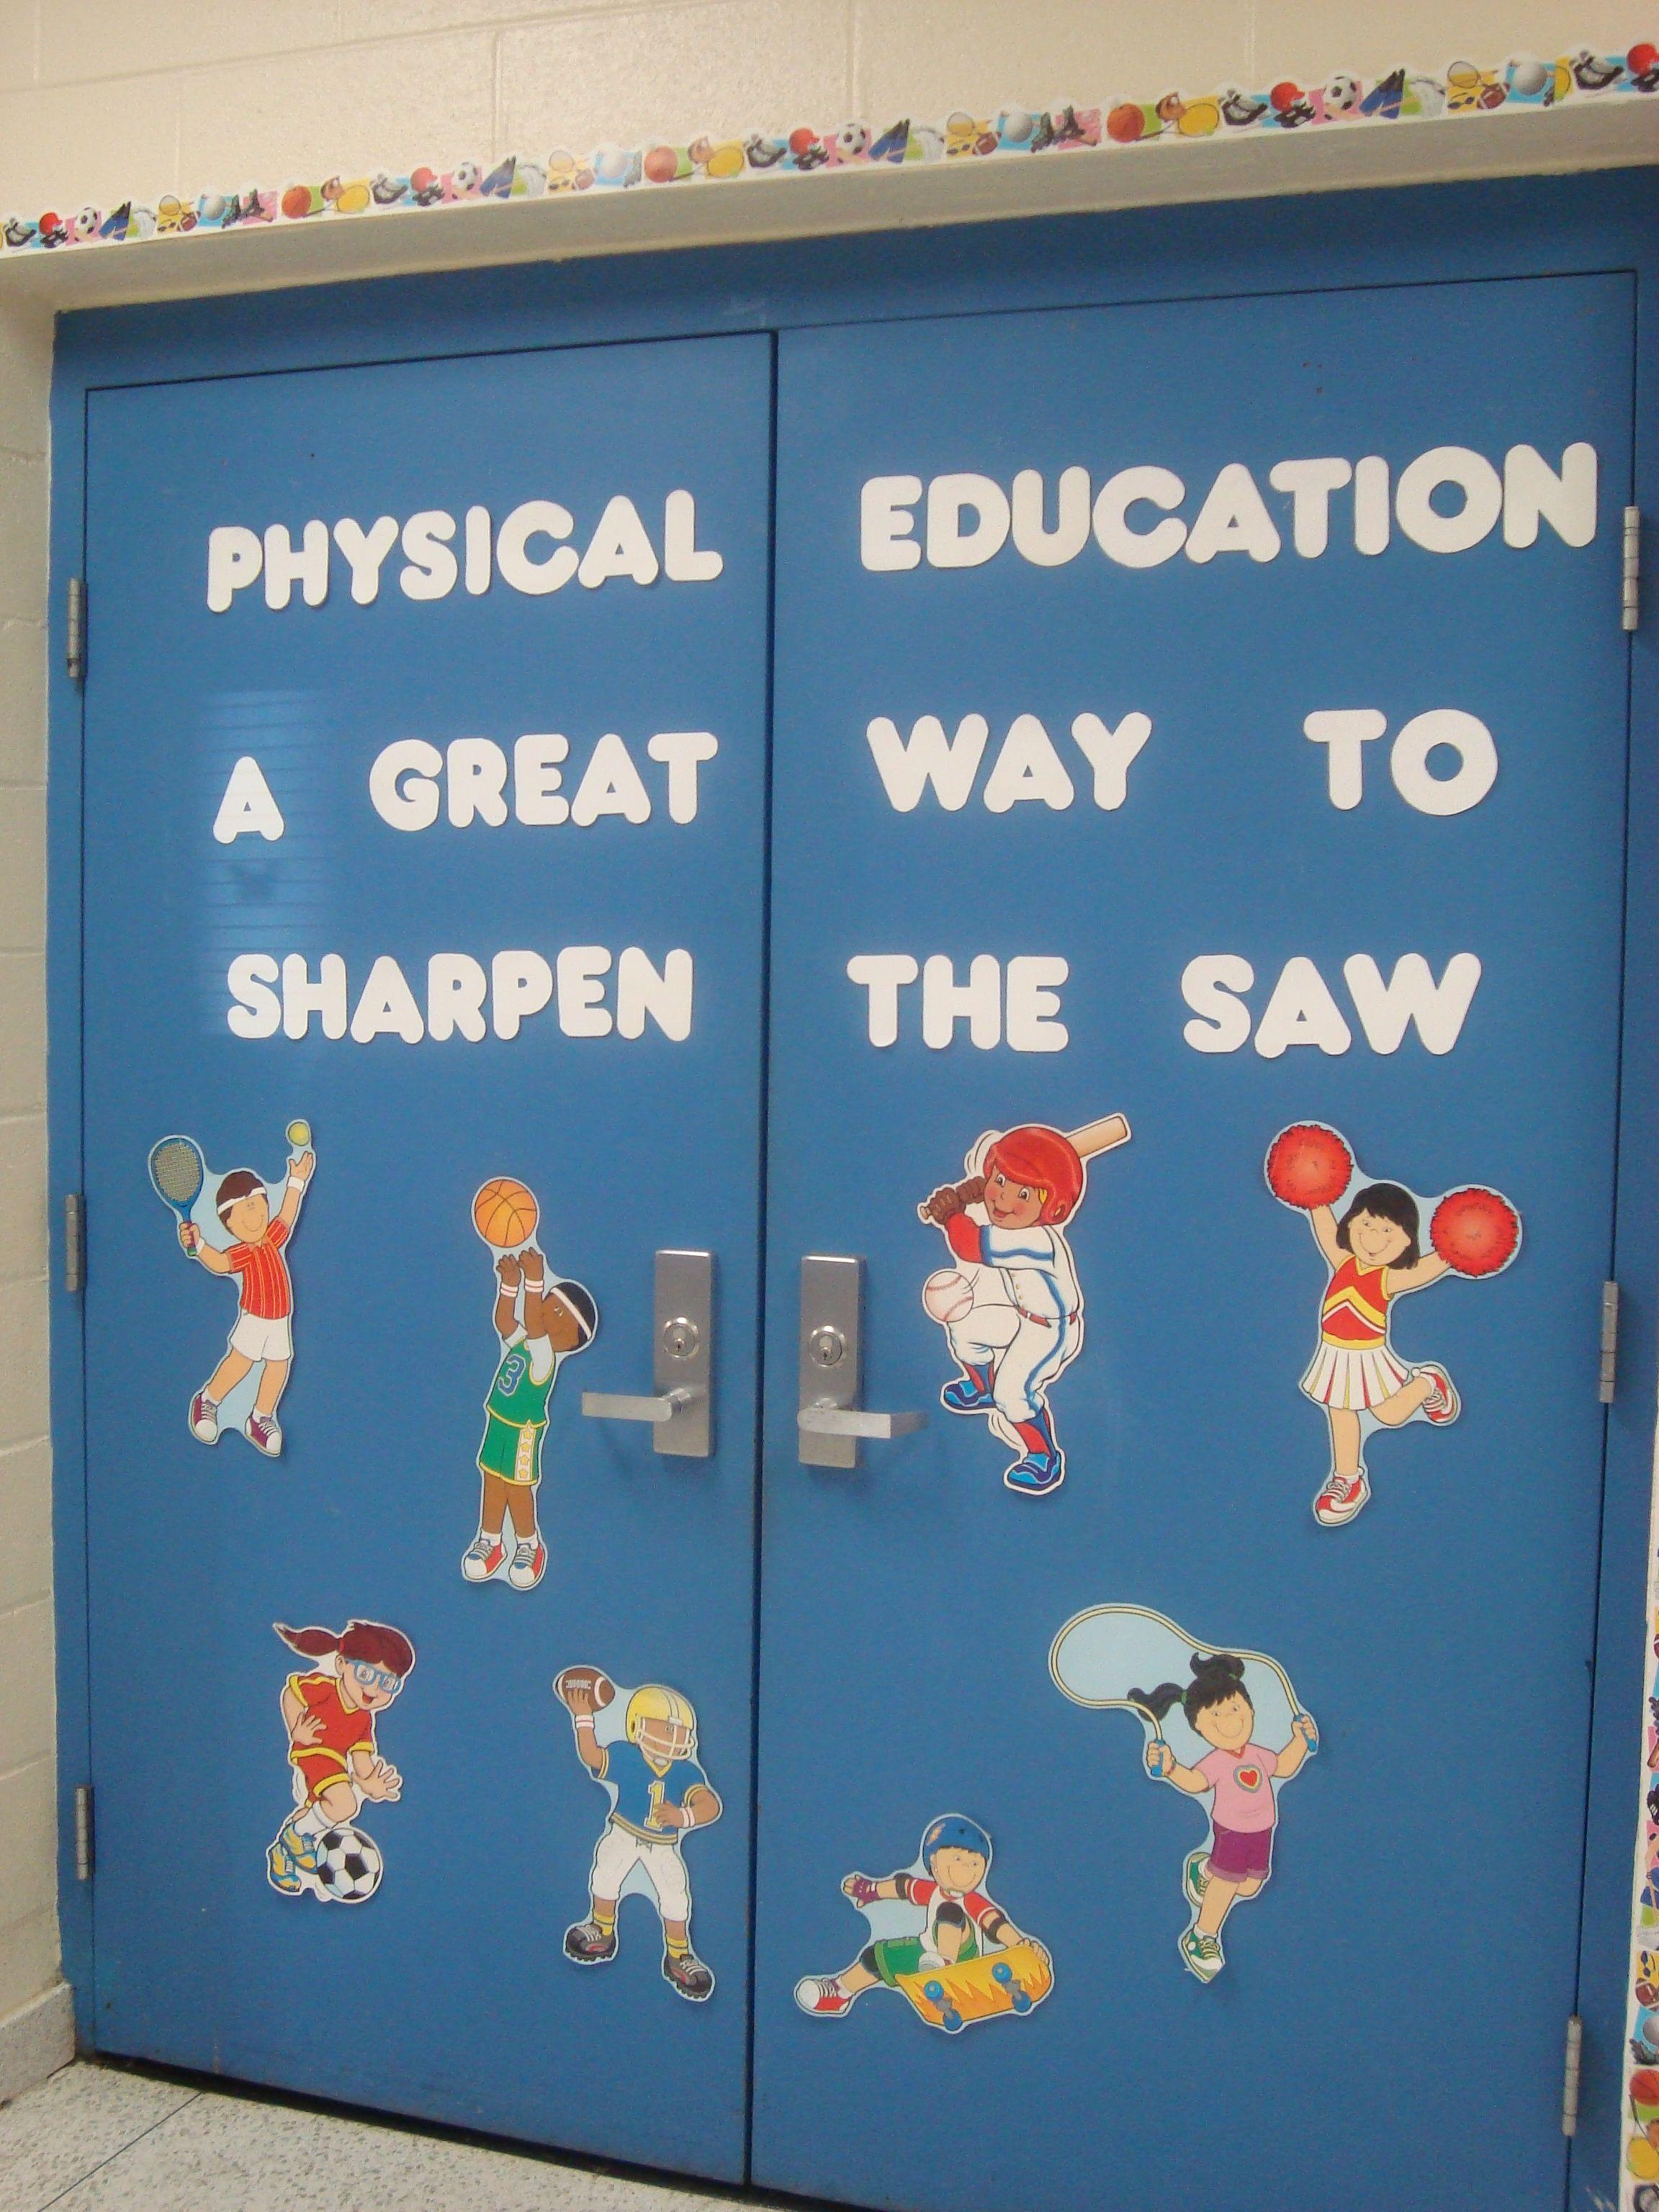 7 Habits School Bulletin Board Ideas